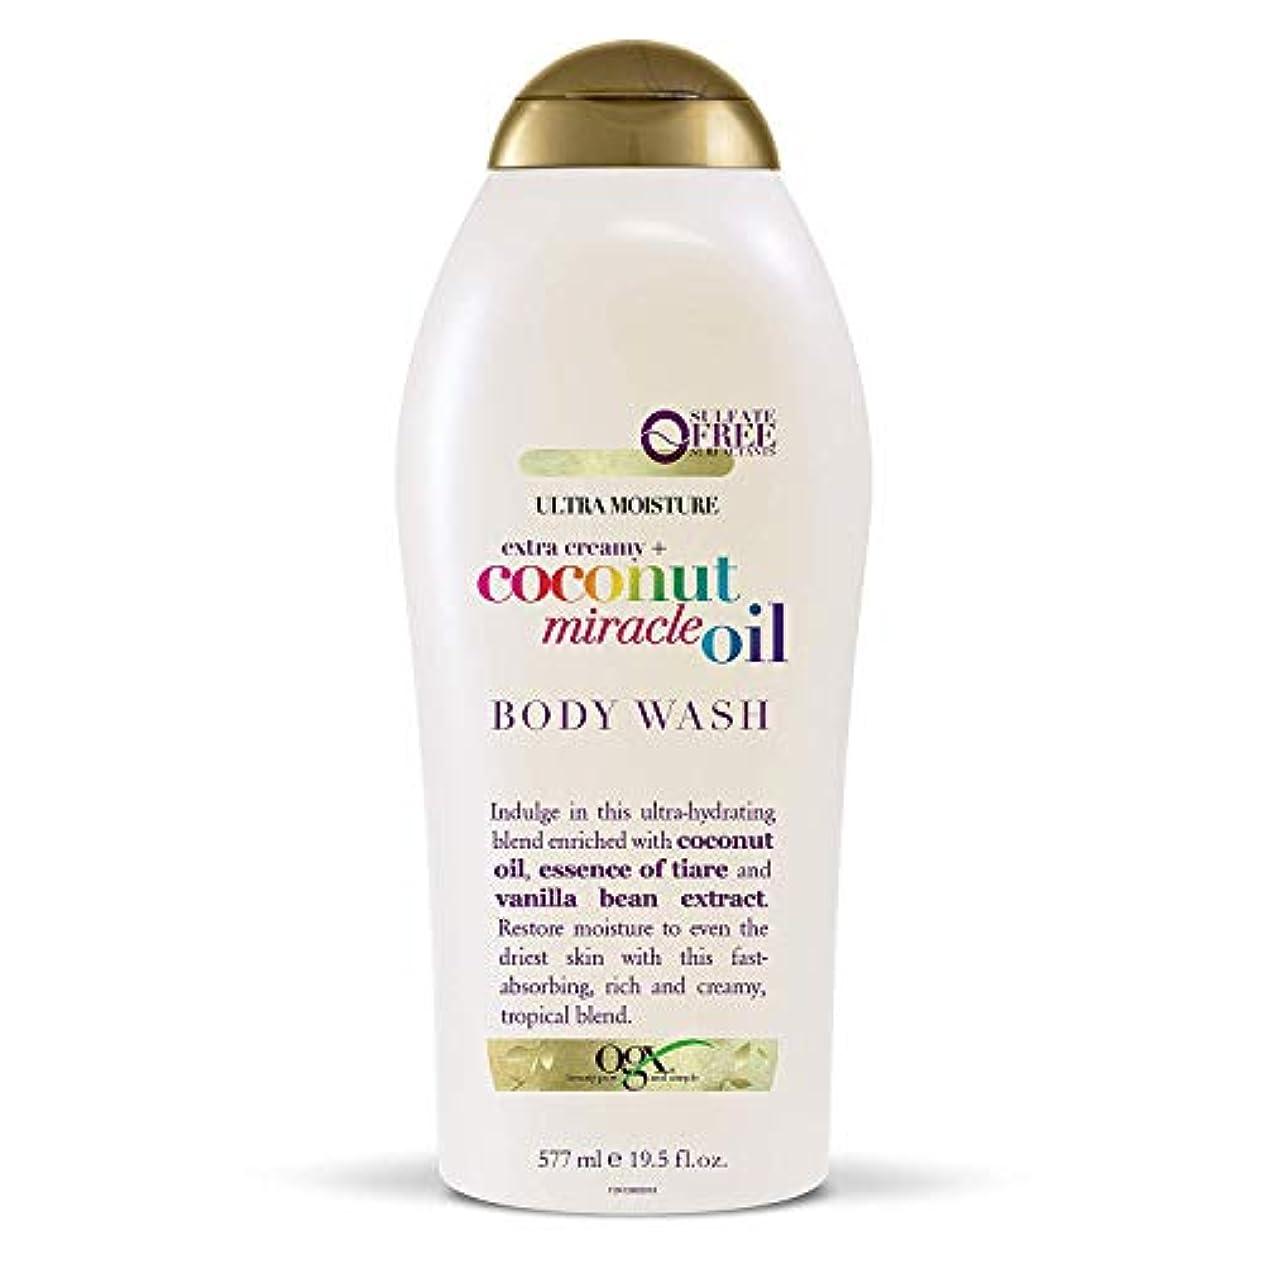 思いつく性能認めるOgx Body Wash Coconut Miracle Oil Extra Strength 19.5oz OGX ココナッツミラクルオイル エクストラストレングス ボディウォッシュ 577ml [並行輸入品]